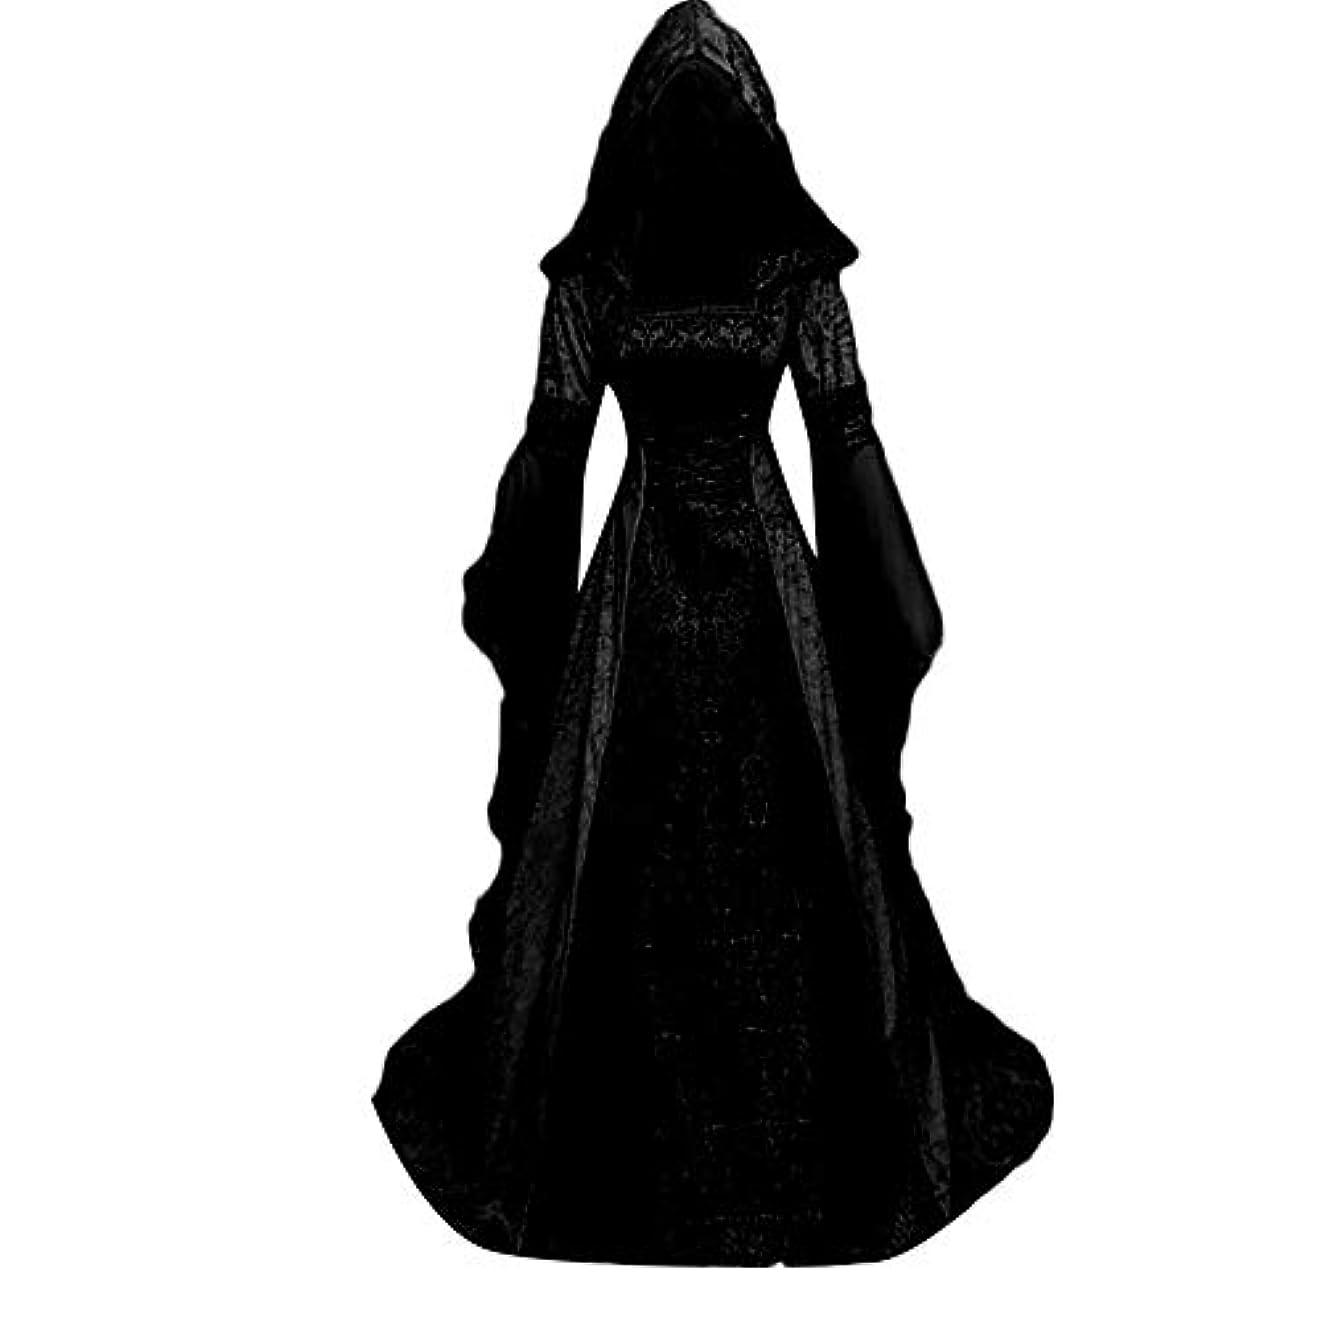 再生リップピアワンピース お姫様 貴族風 きれいめ エレガントドレス Huliyun ドレス ステージ衣装 レディース 洋服 ヨーロッパ風 結婚式 パーティードレス 余興 コスプレ 魔女 ウェディングドレス